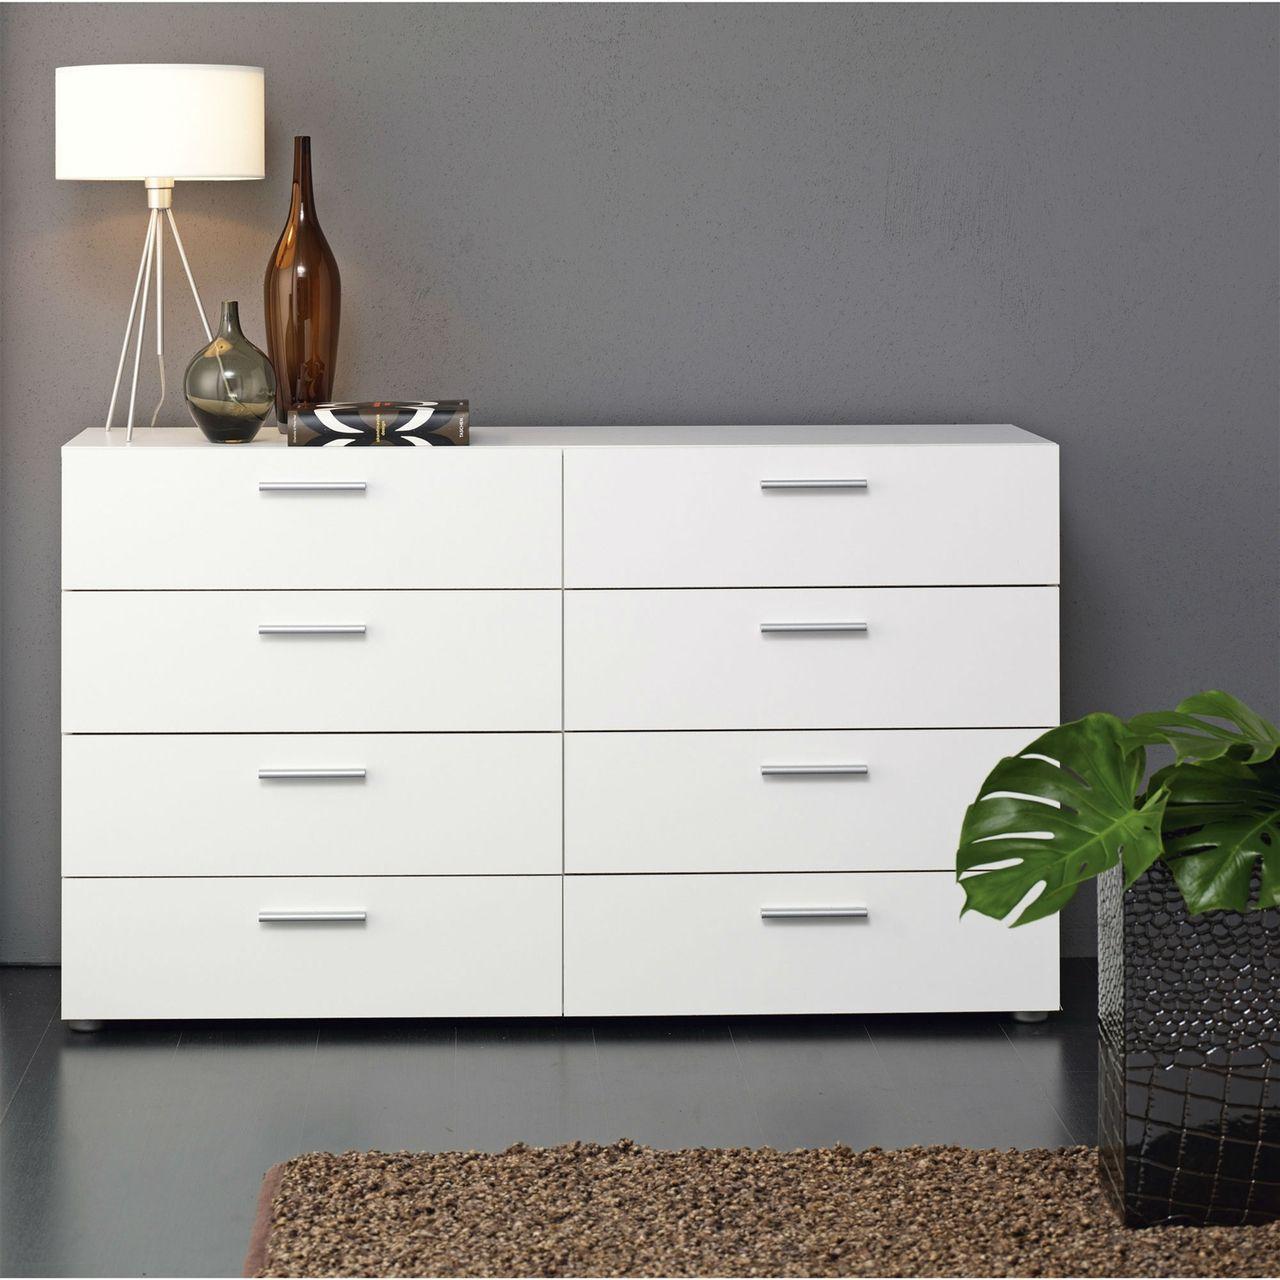 White Modern Bedroom 8-Drawer Double Dresser | Double dresser ...